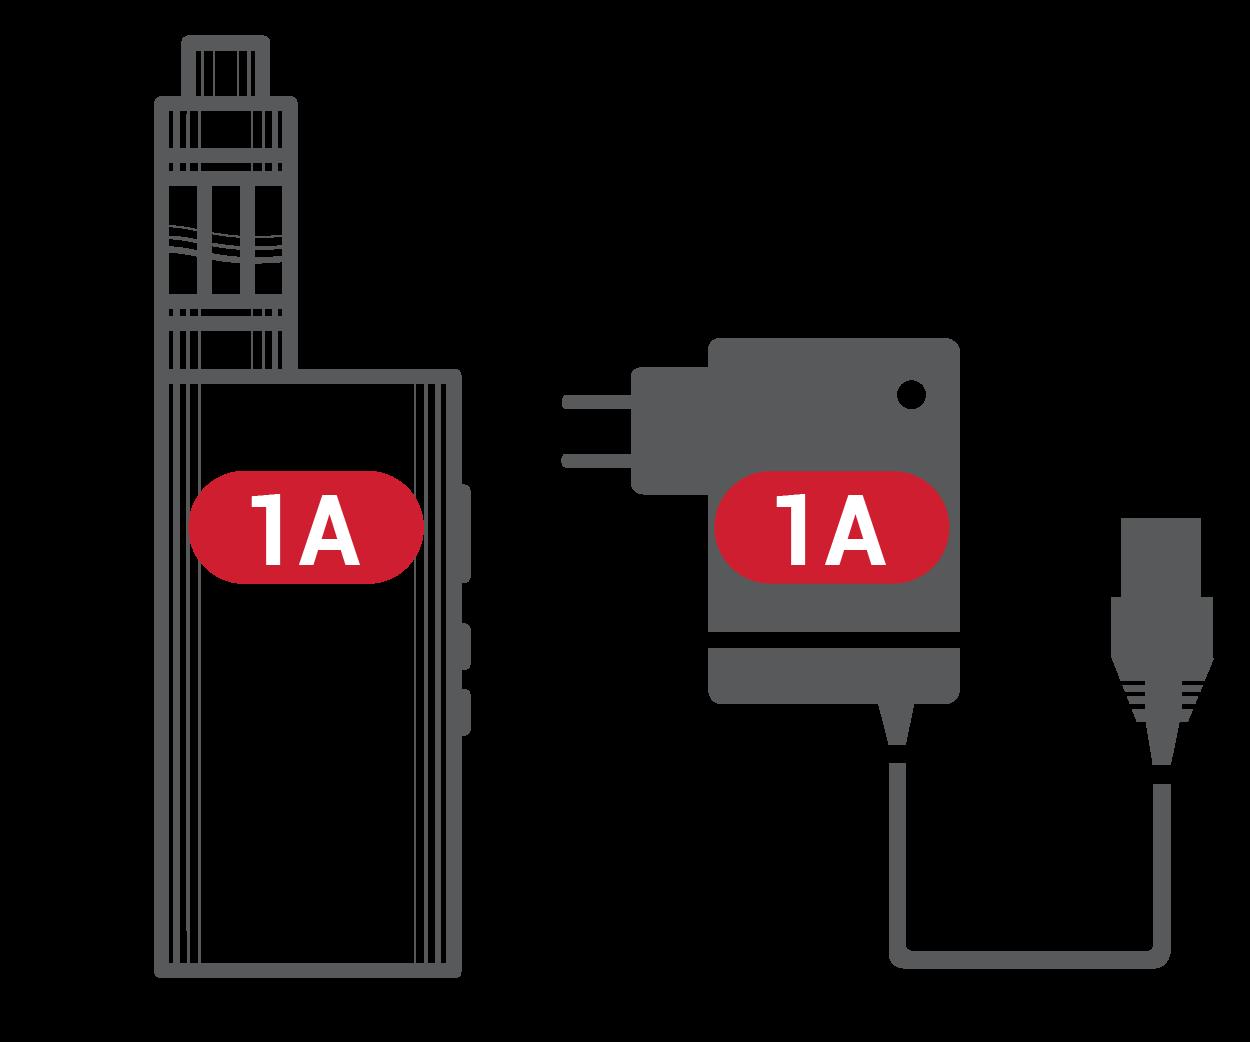 Output - Input